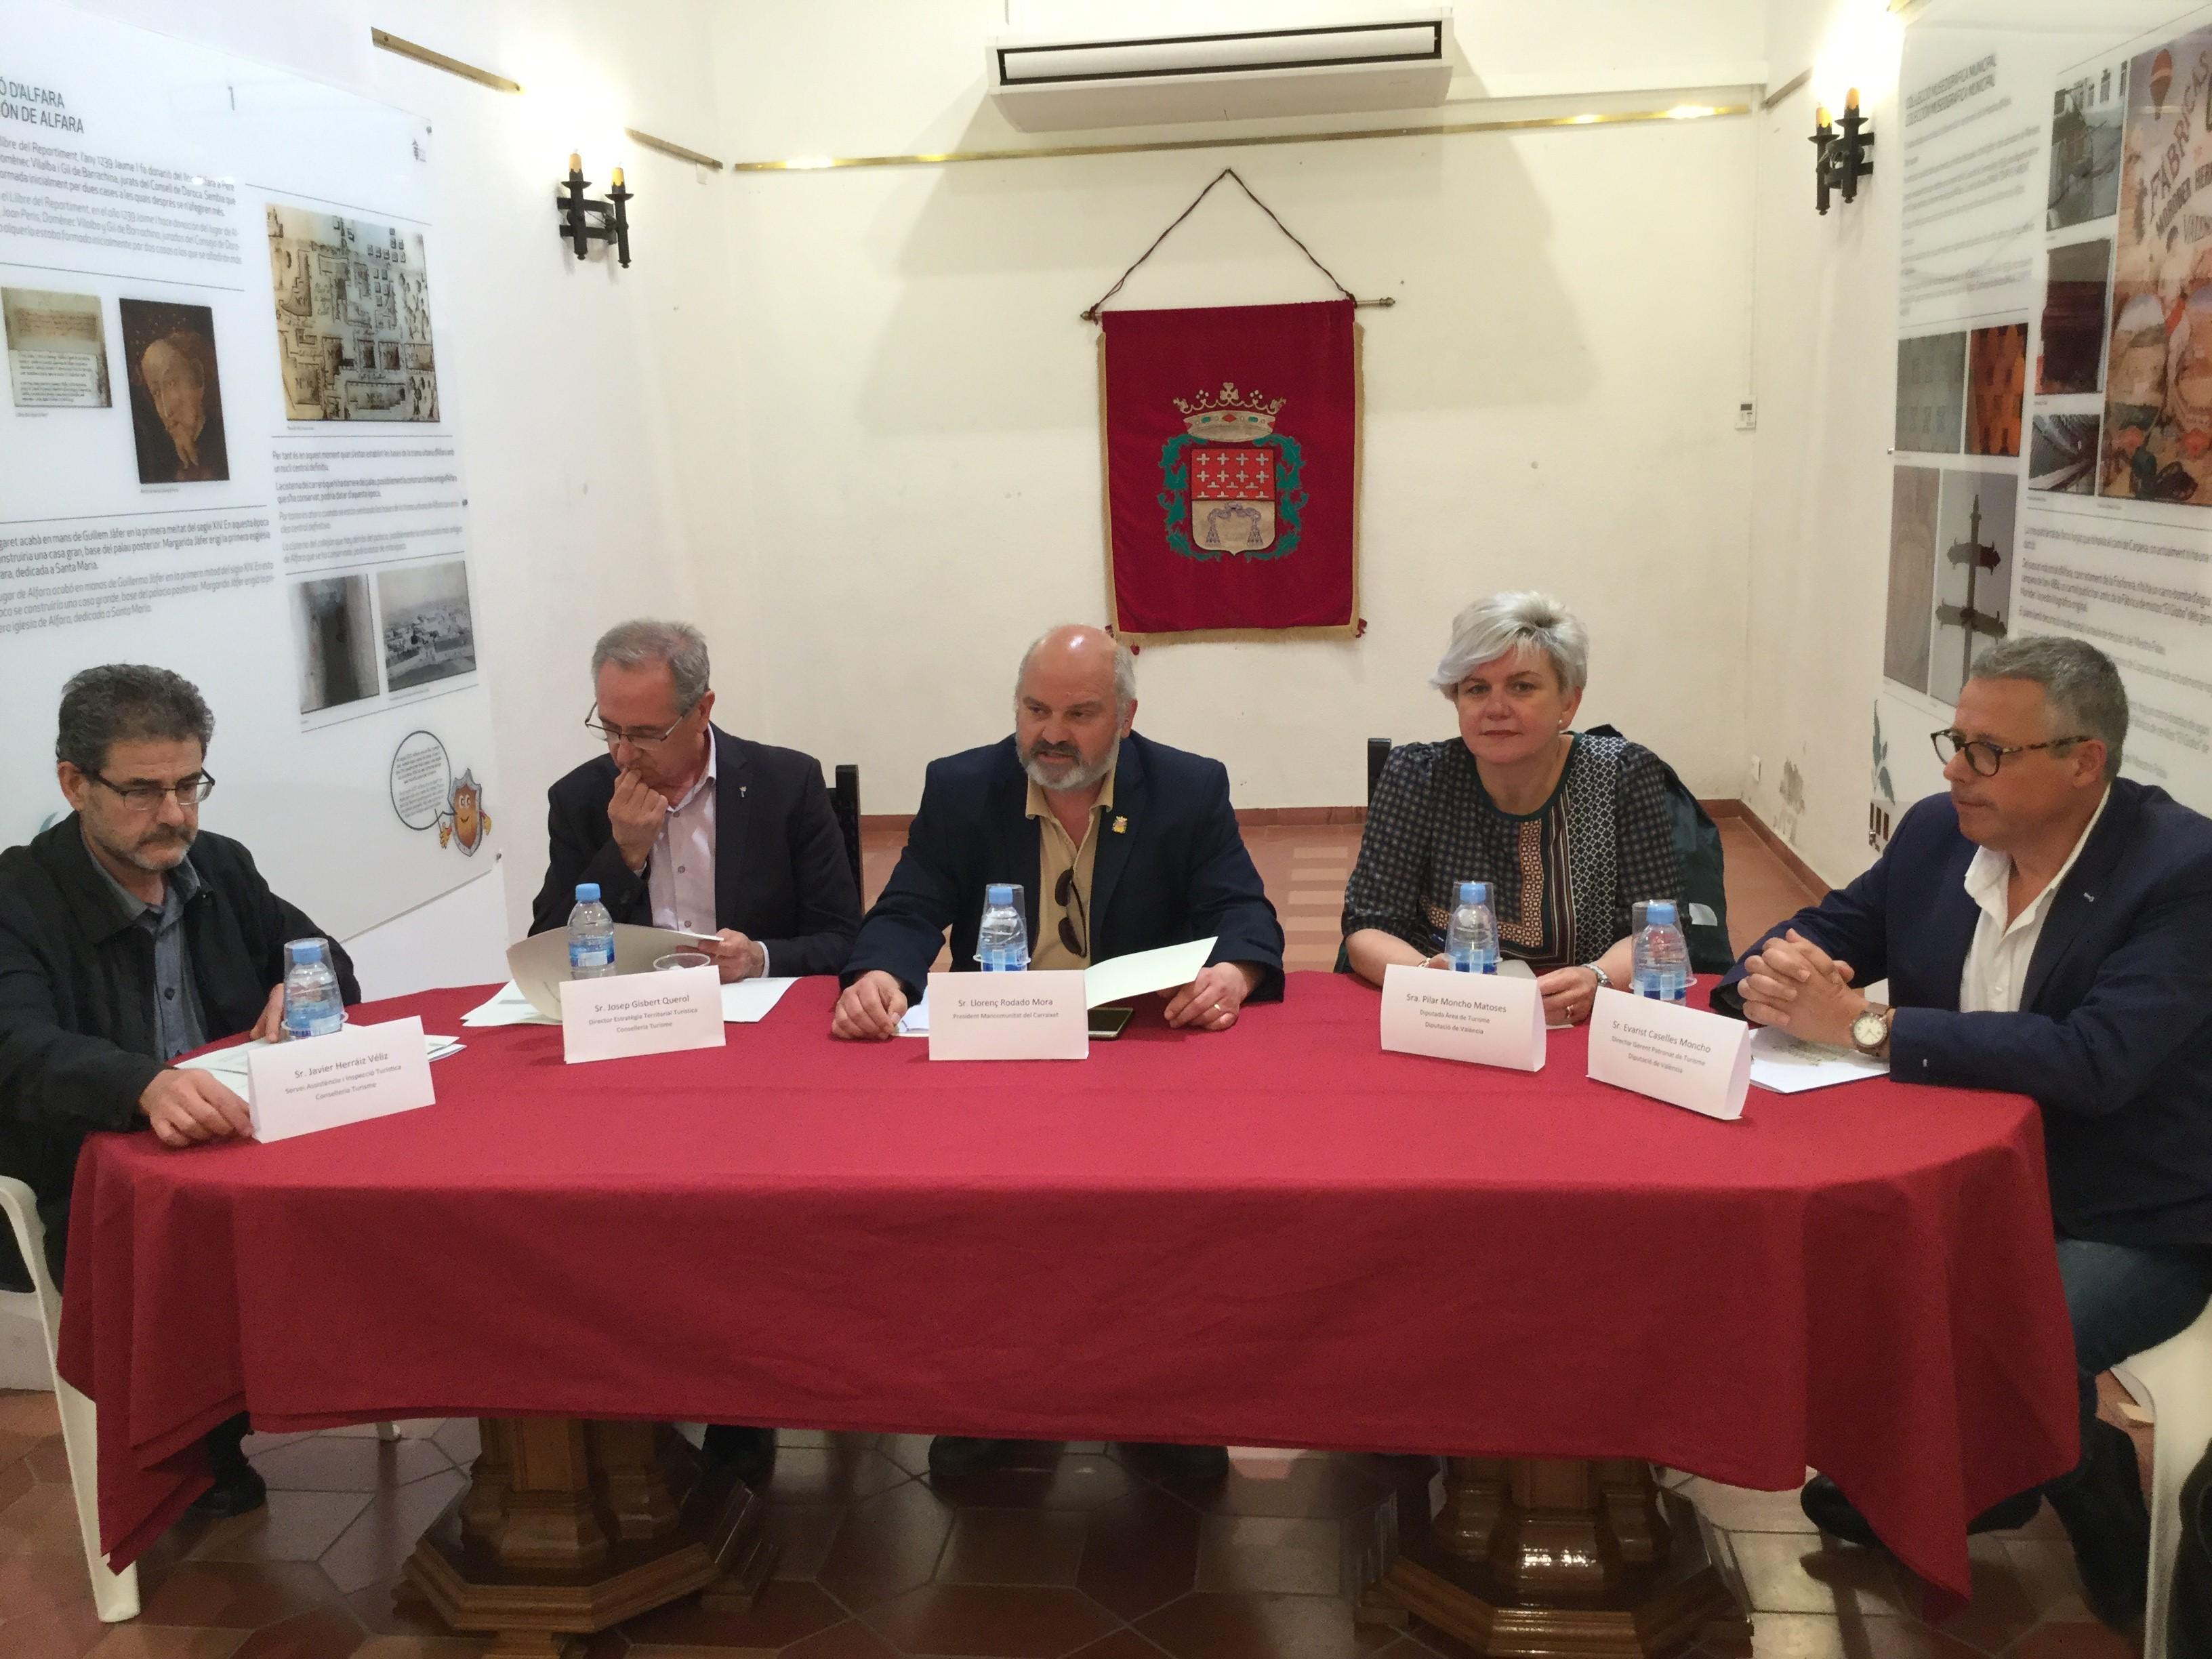 La gobernanza turística permitirá la creación de nuevos productos gastronómicos, culturales y de bienestar en La Huerta